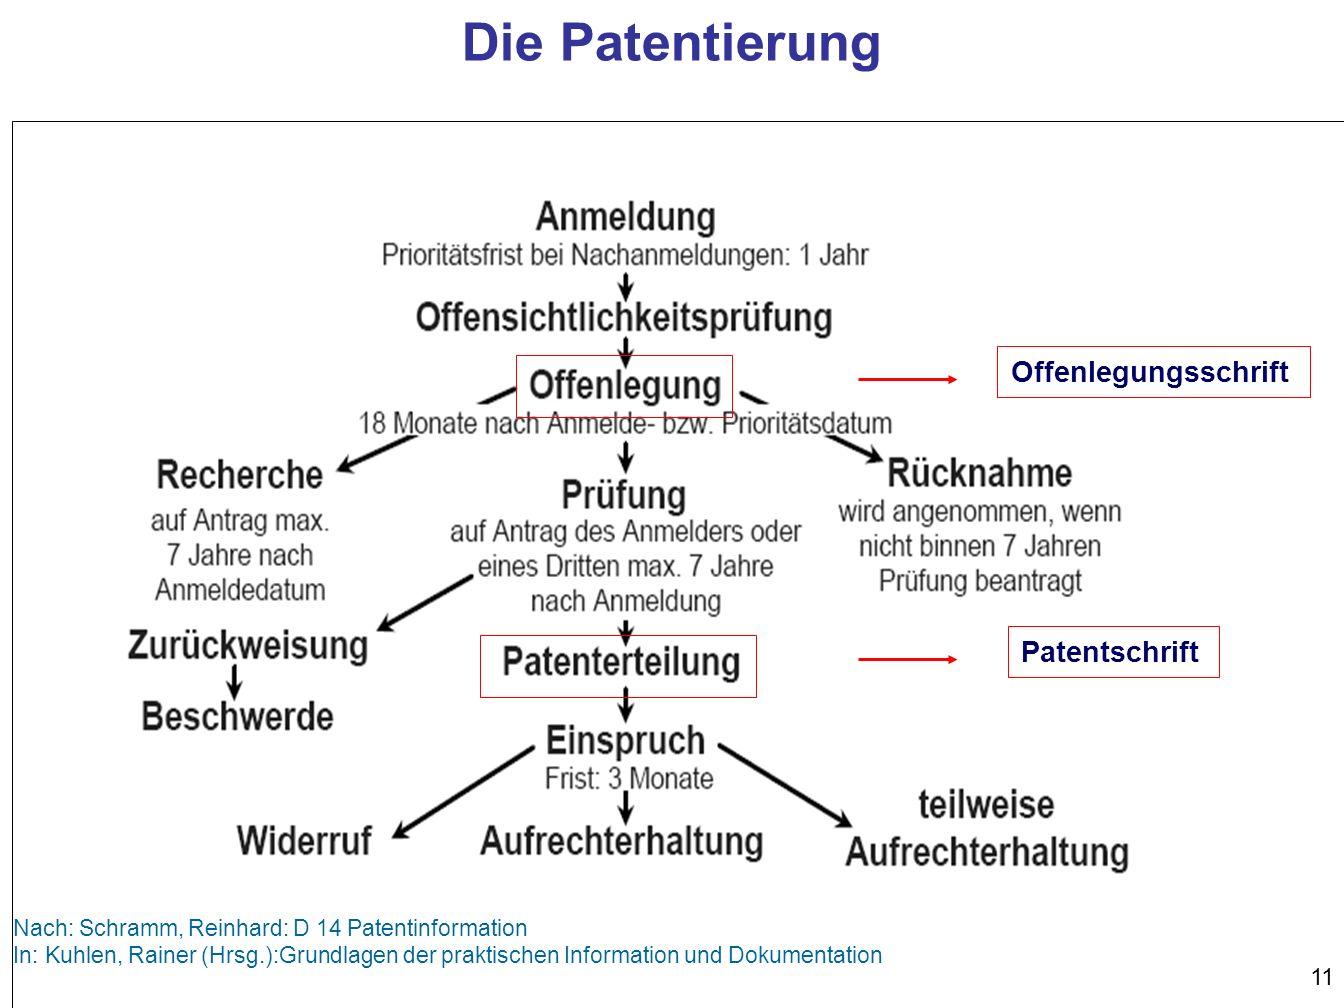 11 Offenlegungsschrift Patentschrift Nach: Schramm, Reinhard: D 14 Patentinformation In: Kuhlen, Rainer (Hrsg.):Grundlagen der praktischen Information